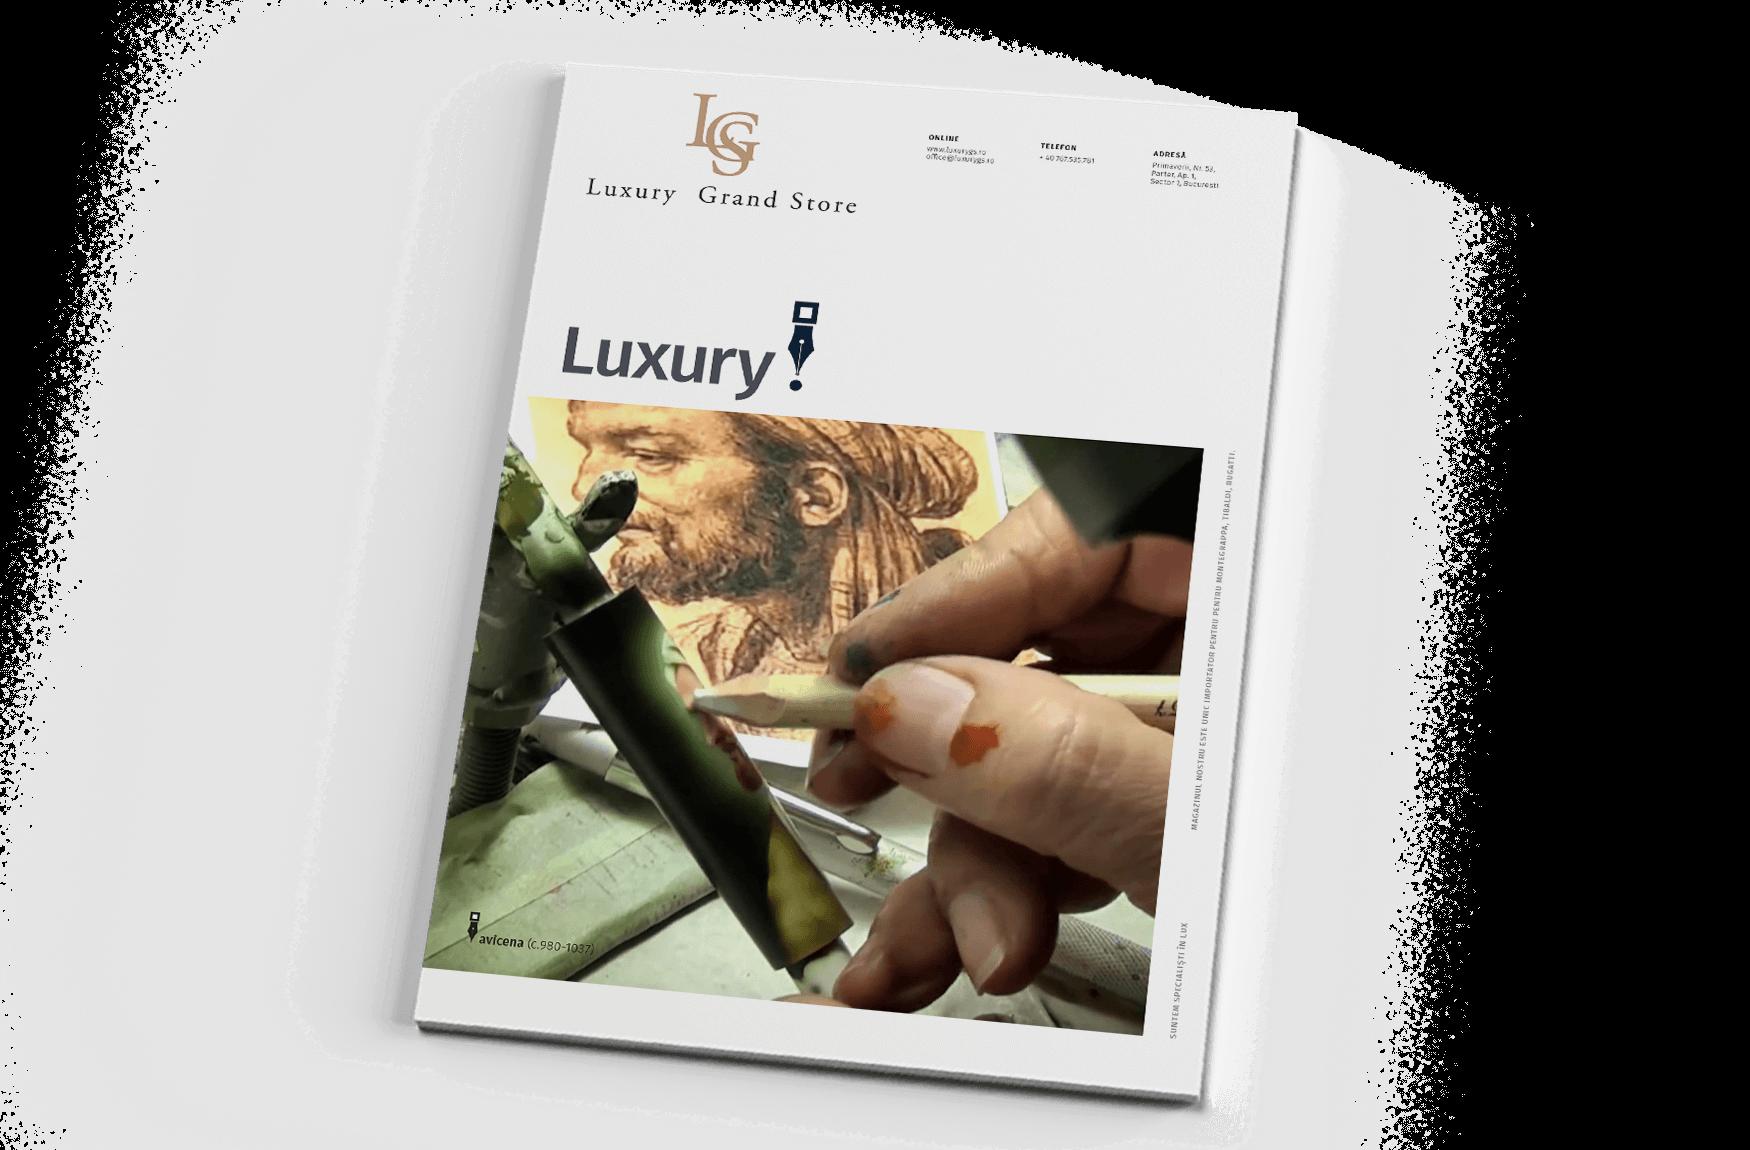 Grand Luxury Store